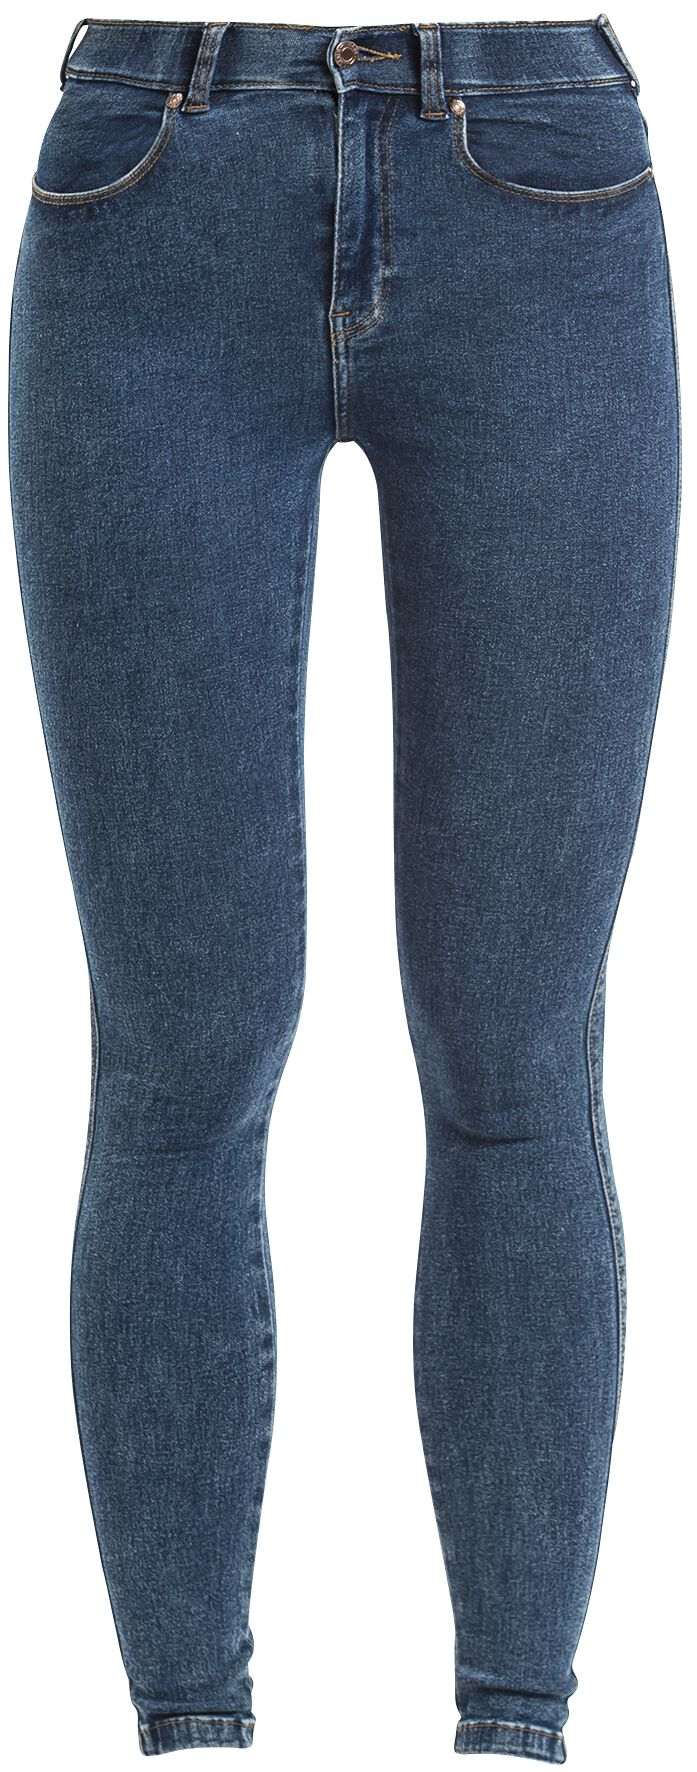 Marki - Spodnie długie - Jeansy damskie Dr. Denim Lexy Jeansy damskie niebieski - 329631